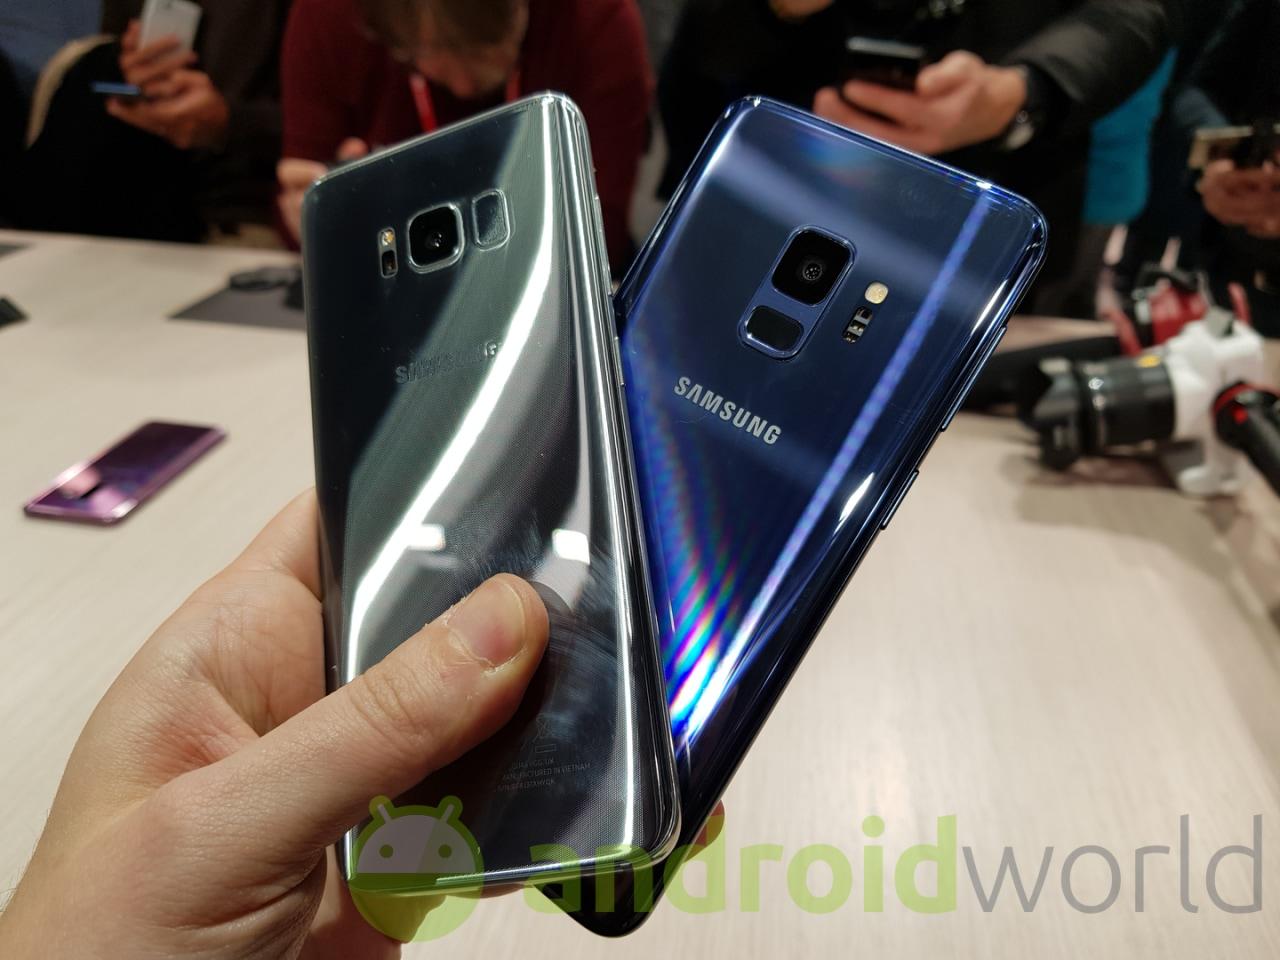 TIM pronta a rinnovare le offerte per l'acquisto a rate di Samsung Galaxy S9, S8, A8, A6 e molti altri